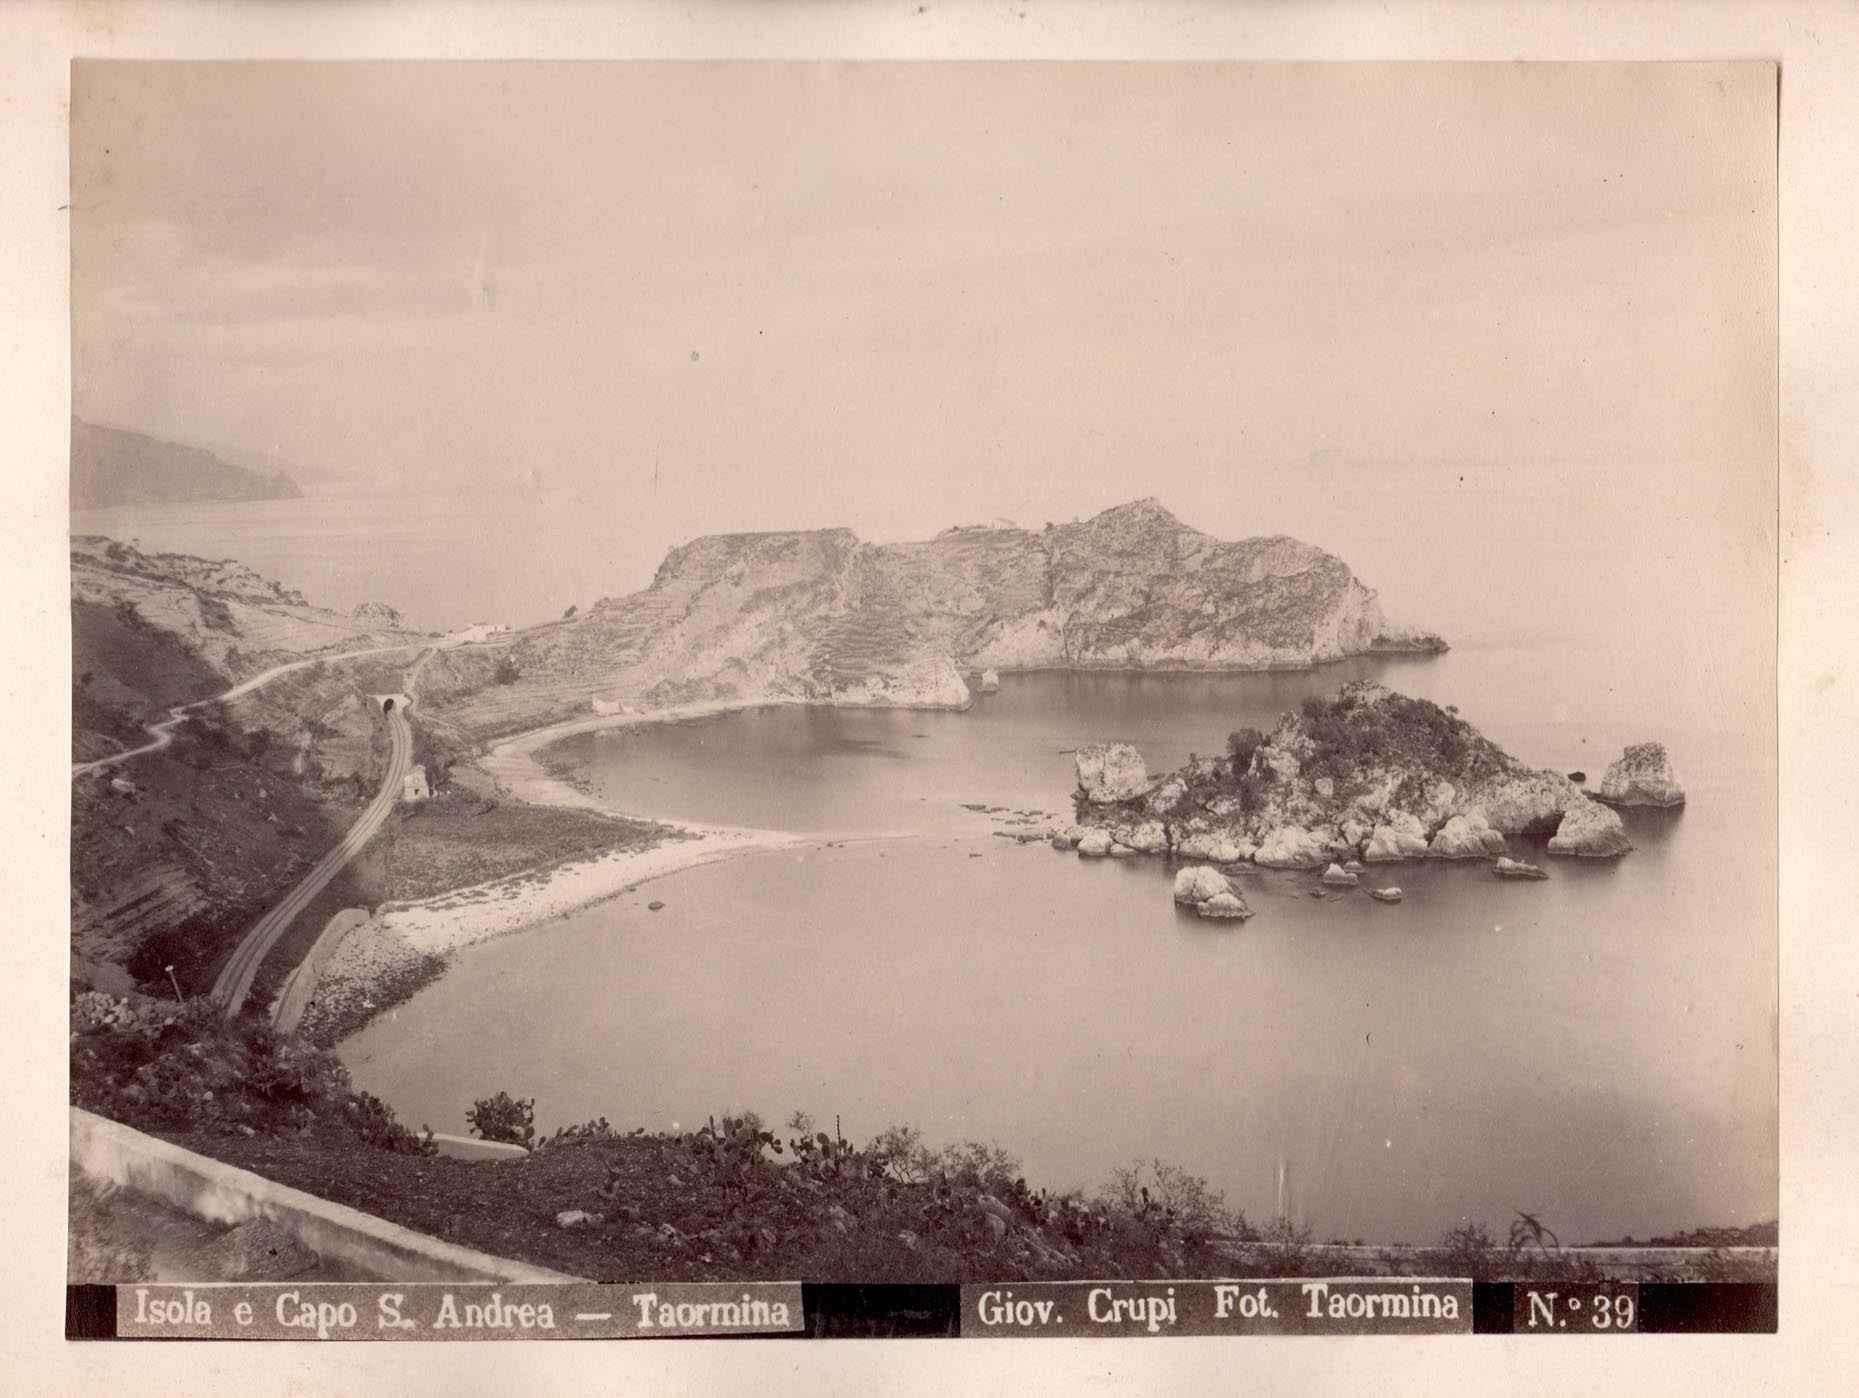 _Isola Bella e Capo S'Andrea no watermark